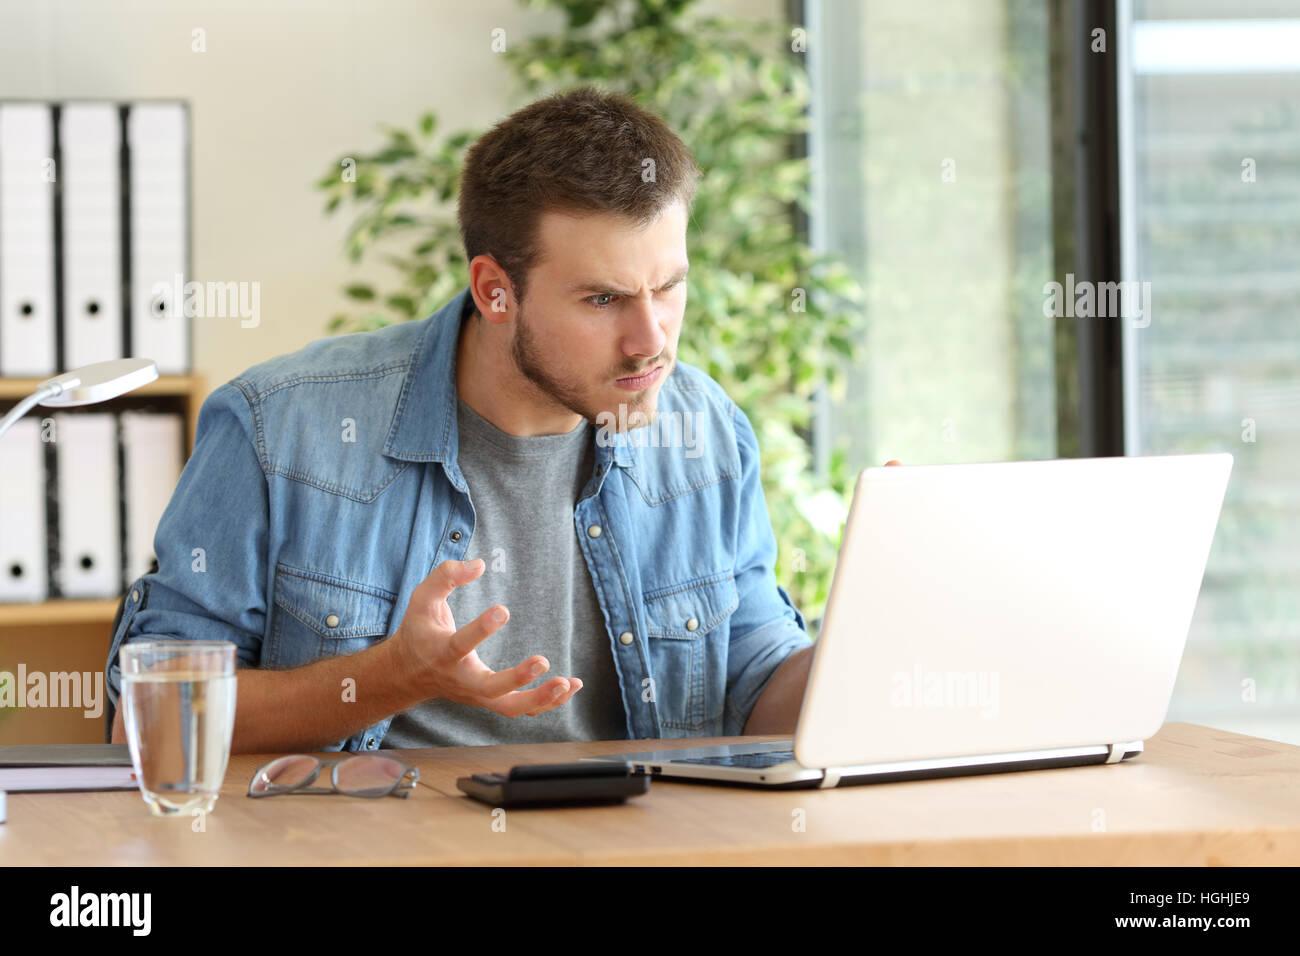 Arrabbiato libero professionista avendo problemi sulla linea con un notebook in un desktop accanto a una finestra Immagini Stock